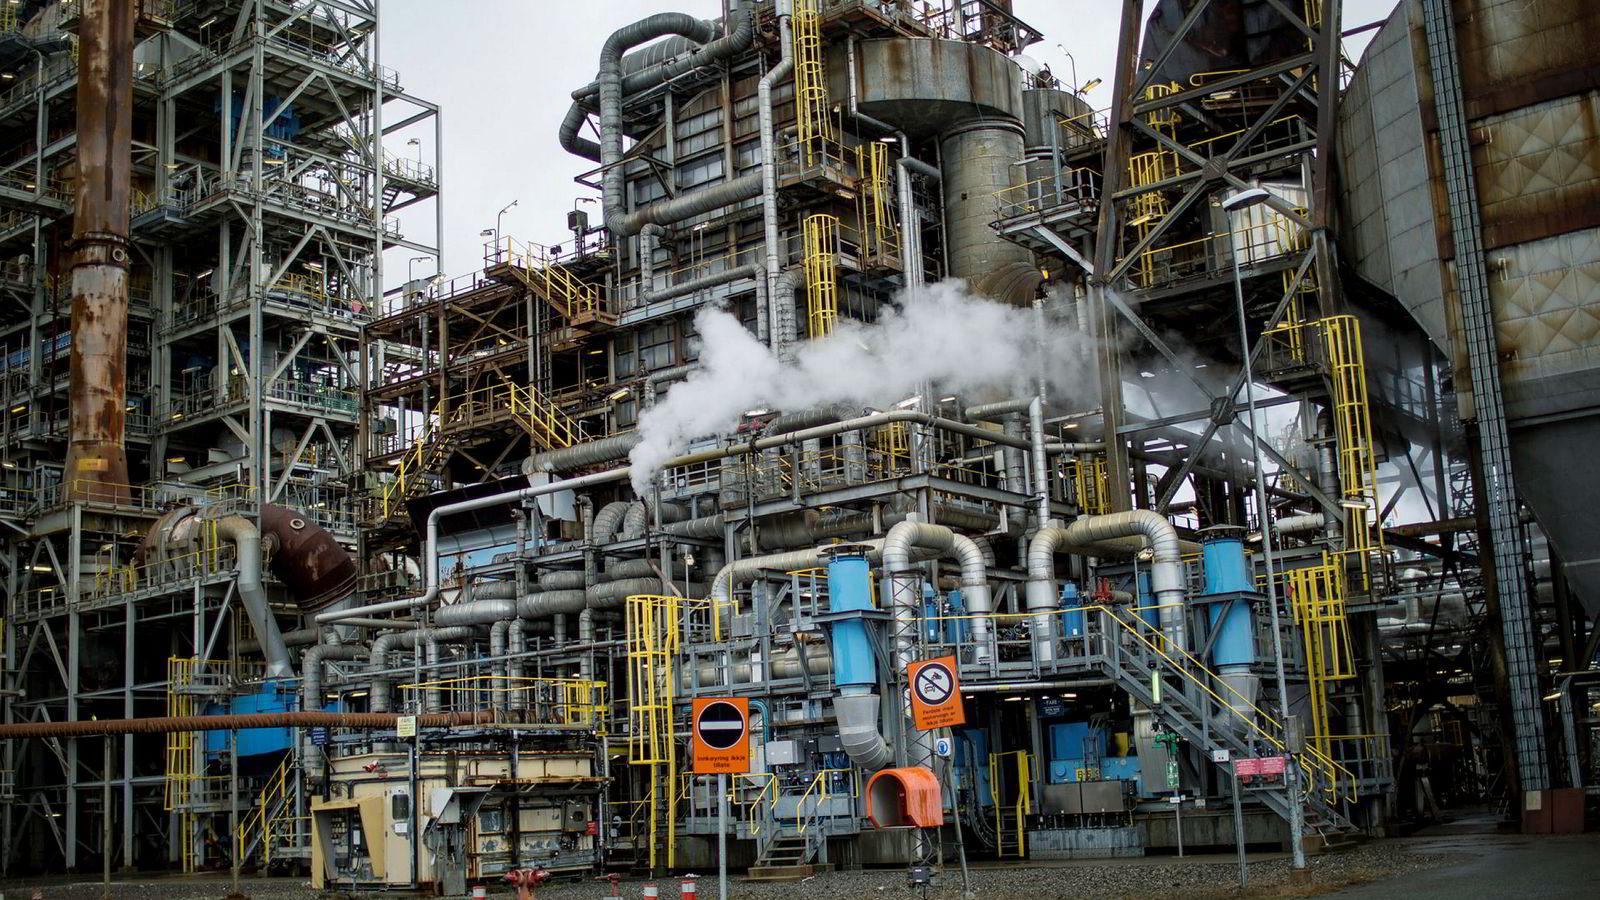 Vår studie sannsynliggjør at kostnadene for CO2-håndtering (CCS) vil utgjøre helt ned mot ti prosent av totalkostnaden for produksjon og eventuell flytendegjøring av naturgassbasert hydrogen, skriver innleggsforfatterne. Her fra Equinors raffineri på Mongstad.